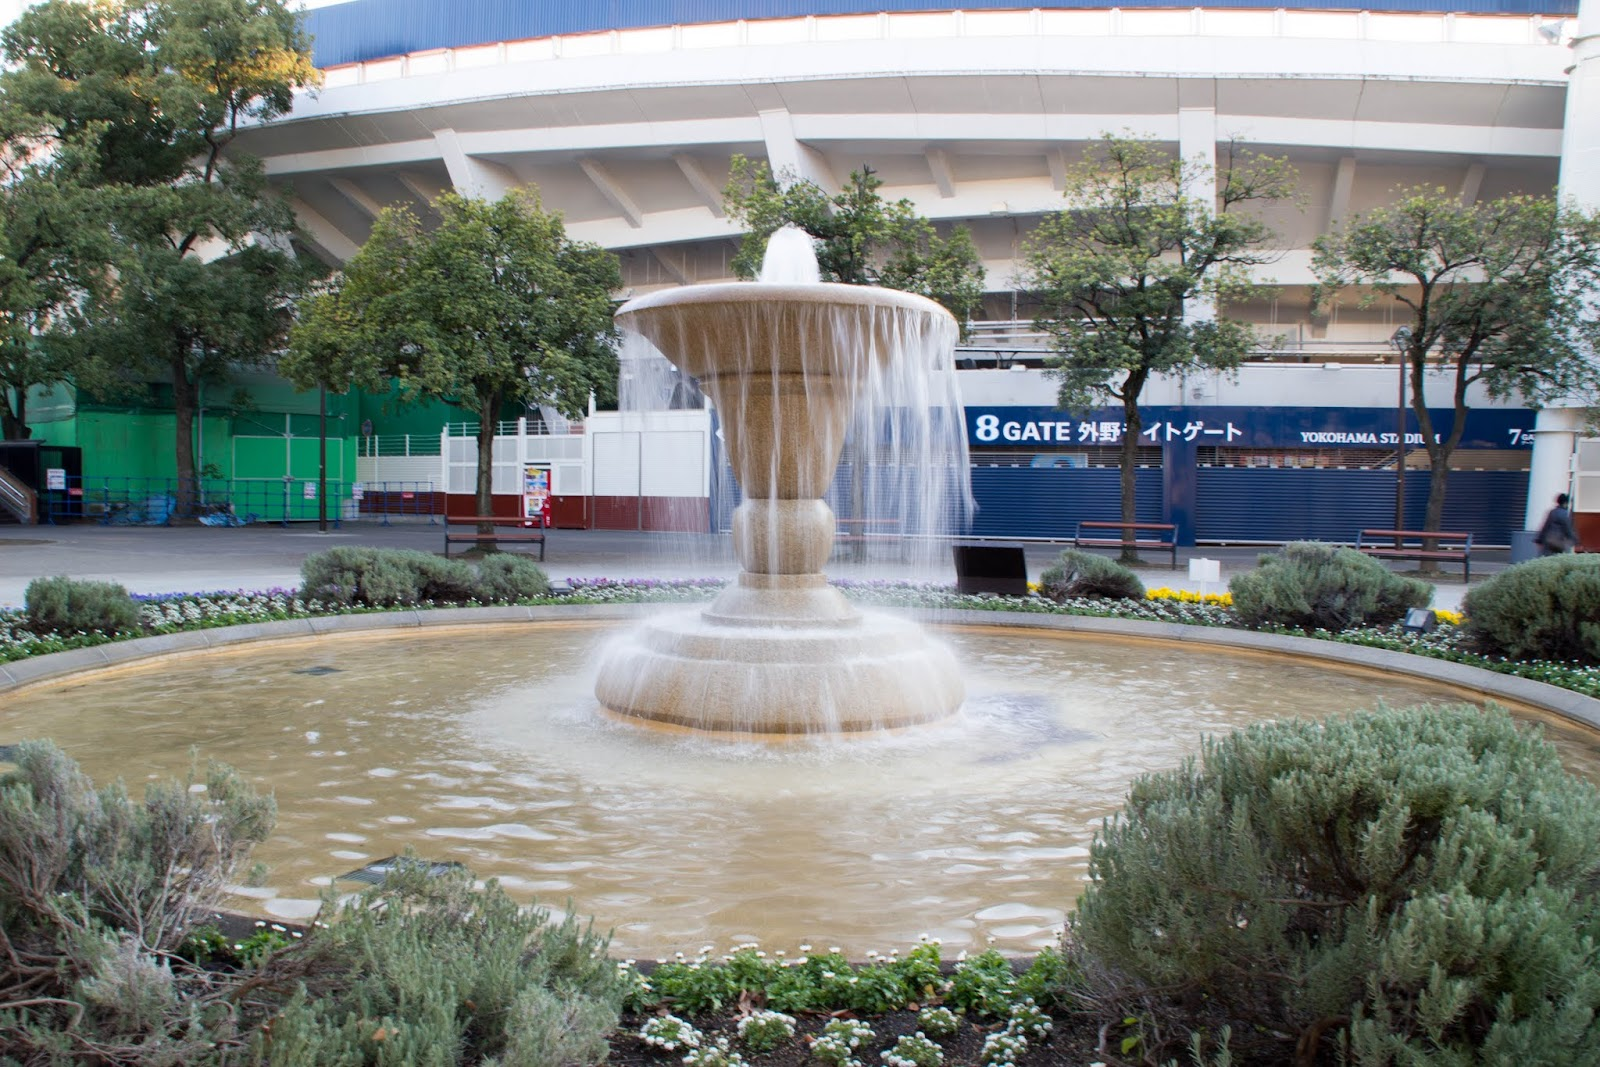 横浜スタジアム前の噴水